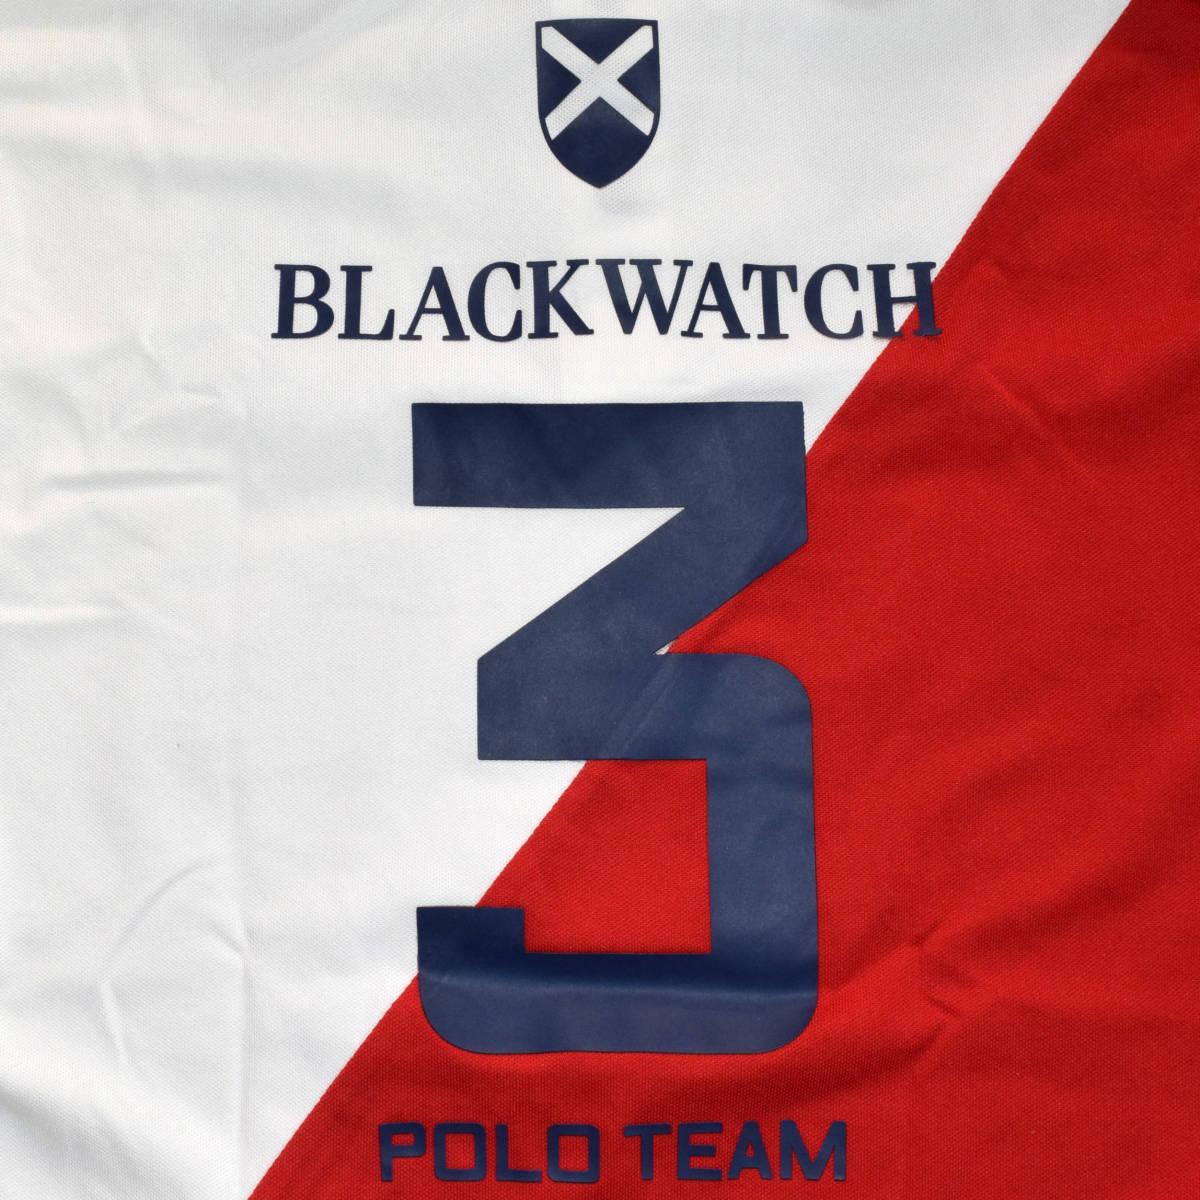 送料無料!美品!◆ポロラルフローレン◆S ポロシャツ BLACK WATCH/POLO TEAM 白/紺/赤■CUSTOM SLIM FIT_画像7